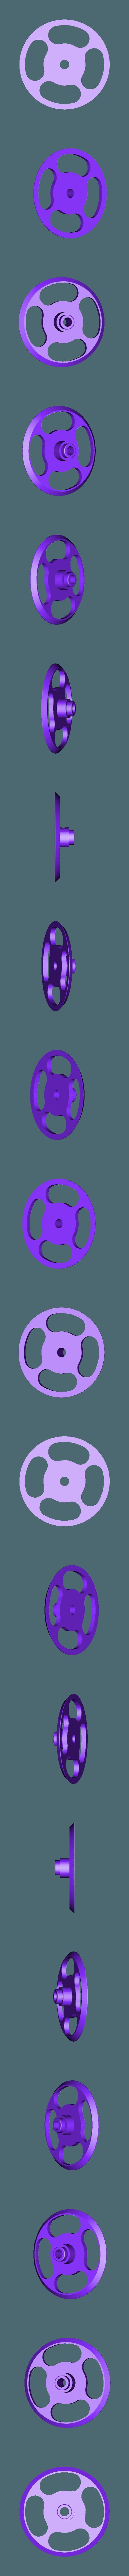 v2K1.stl Download free STL file Solder feeder • 3D printable design, Ruvimkub